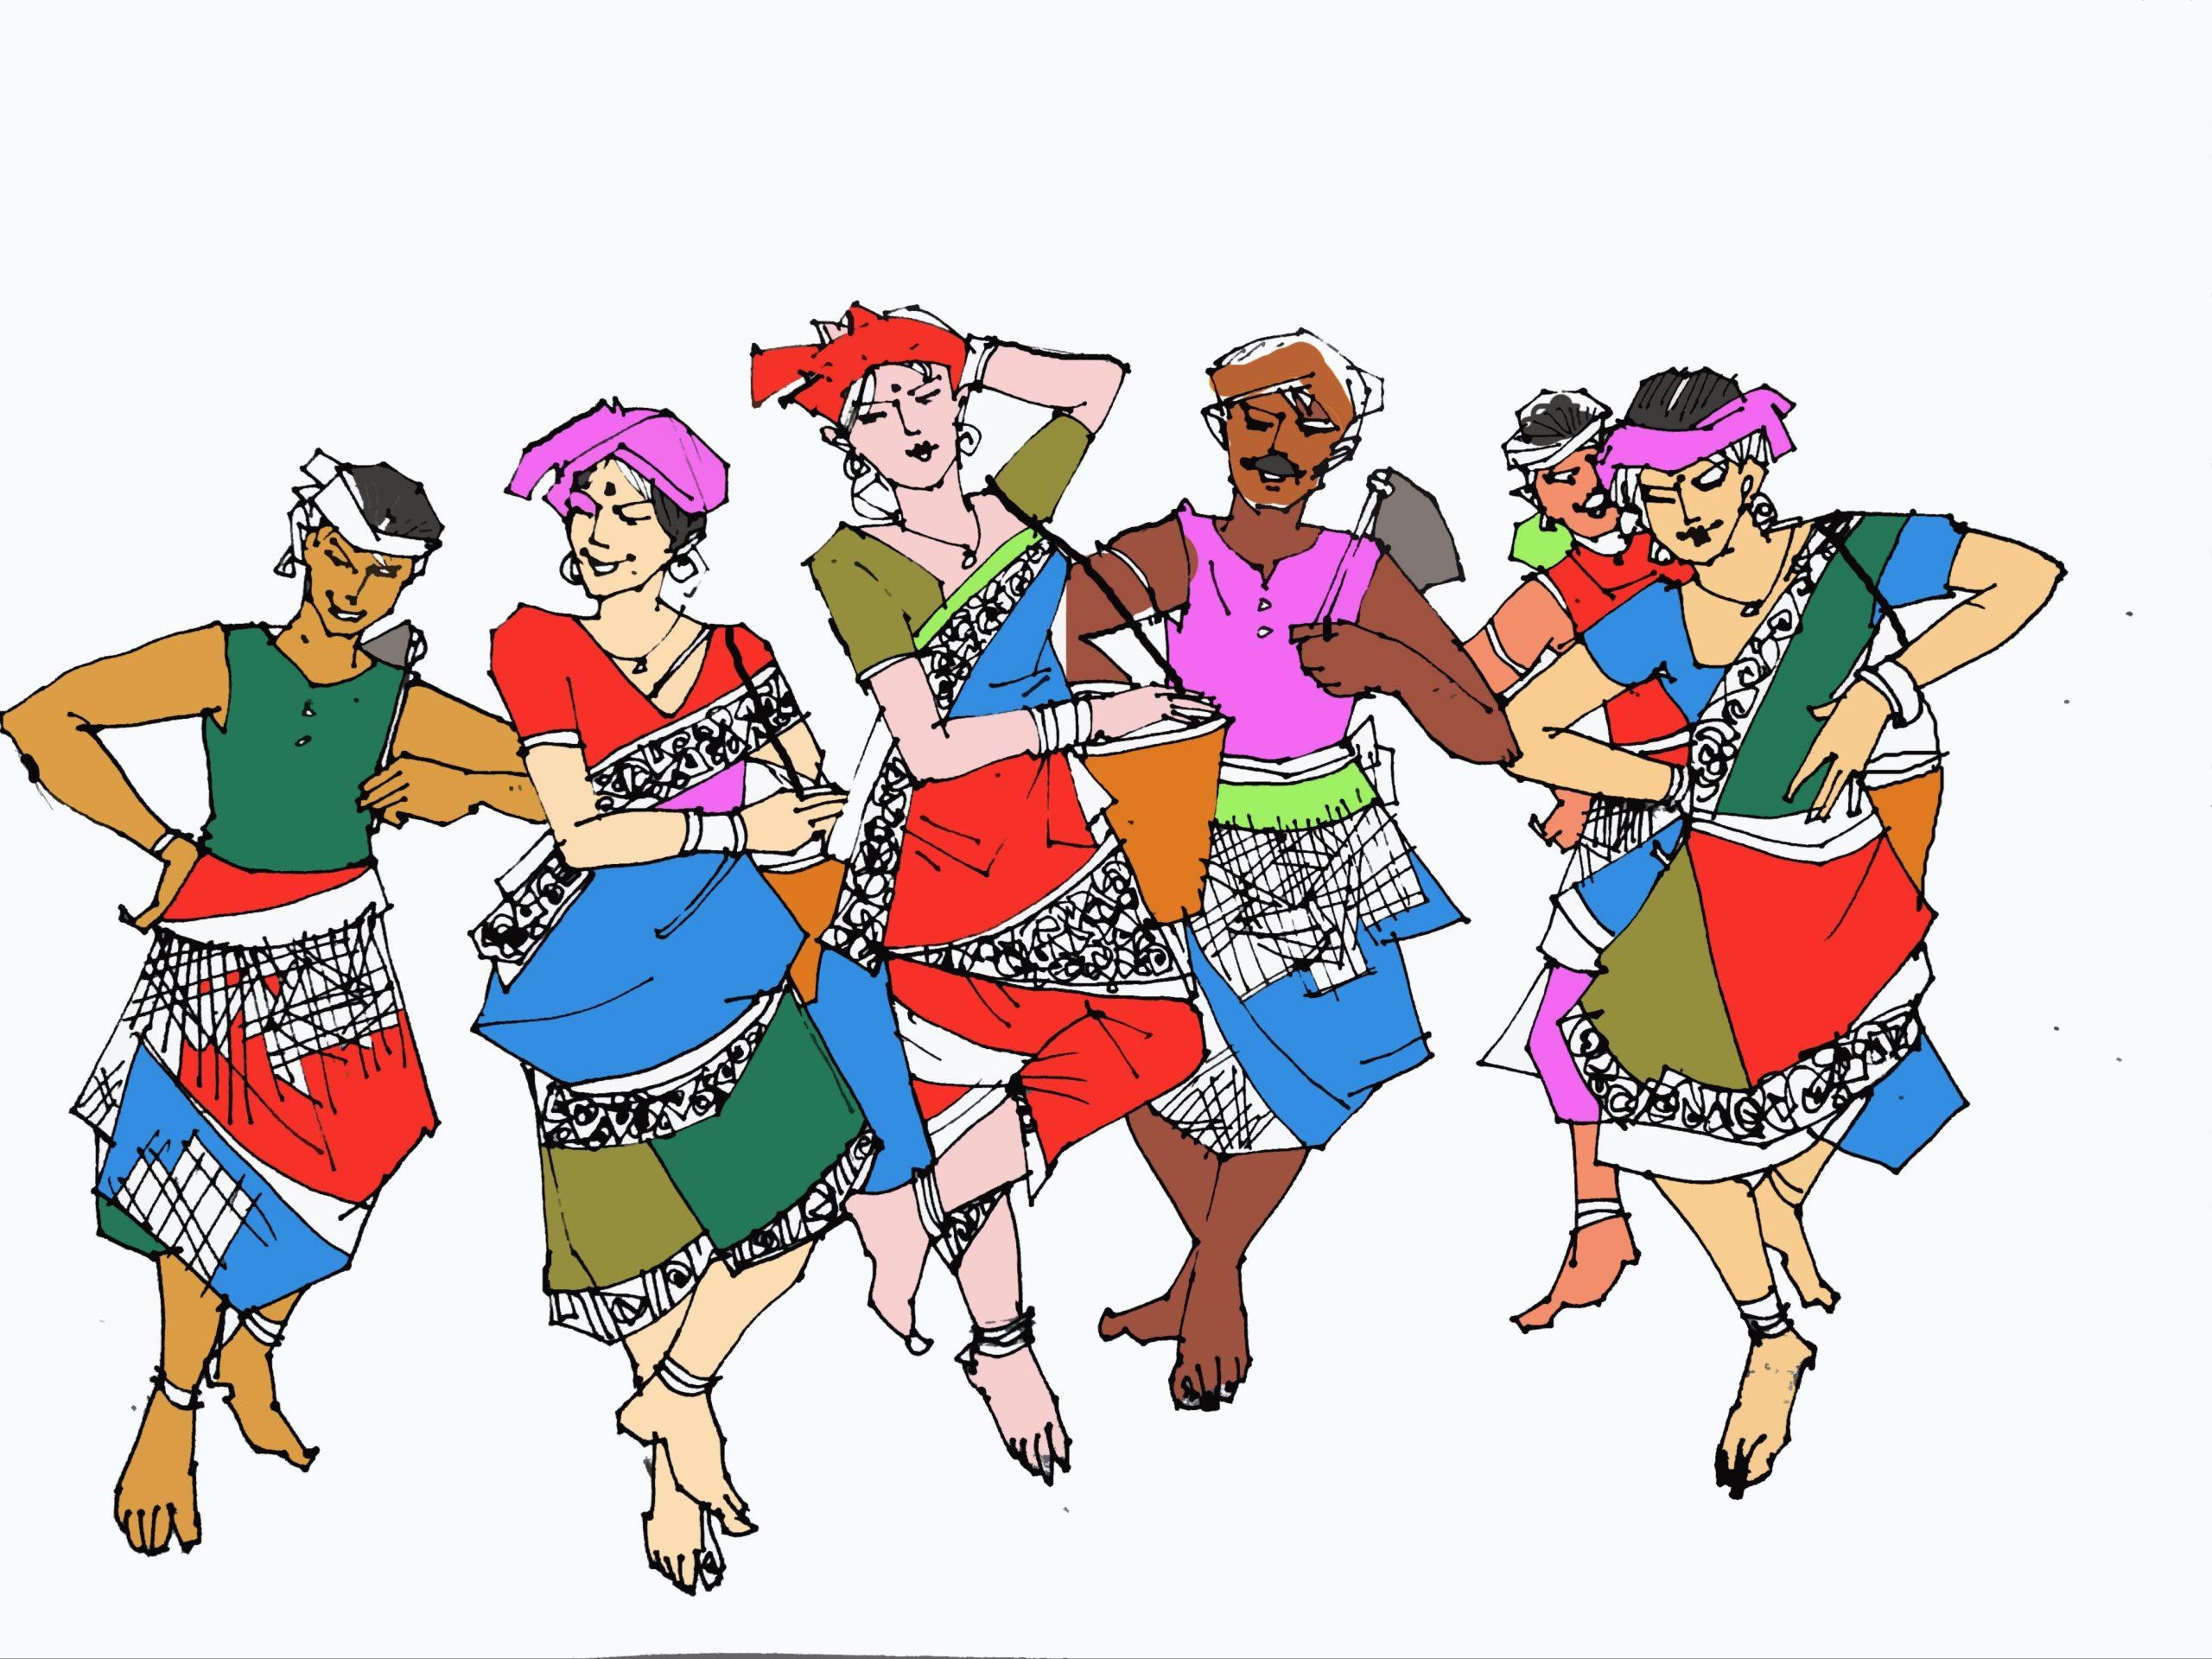 Illustration for Utture - Rabha tribal dance রাভা আদিবাসী নৃত্য